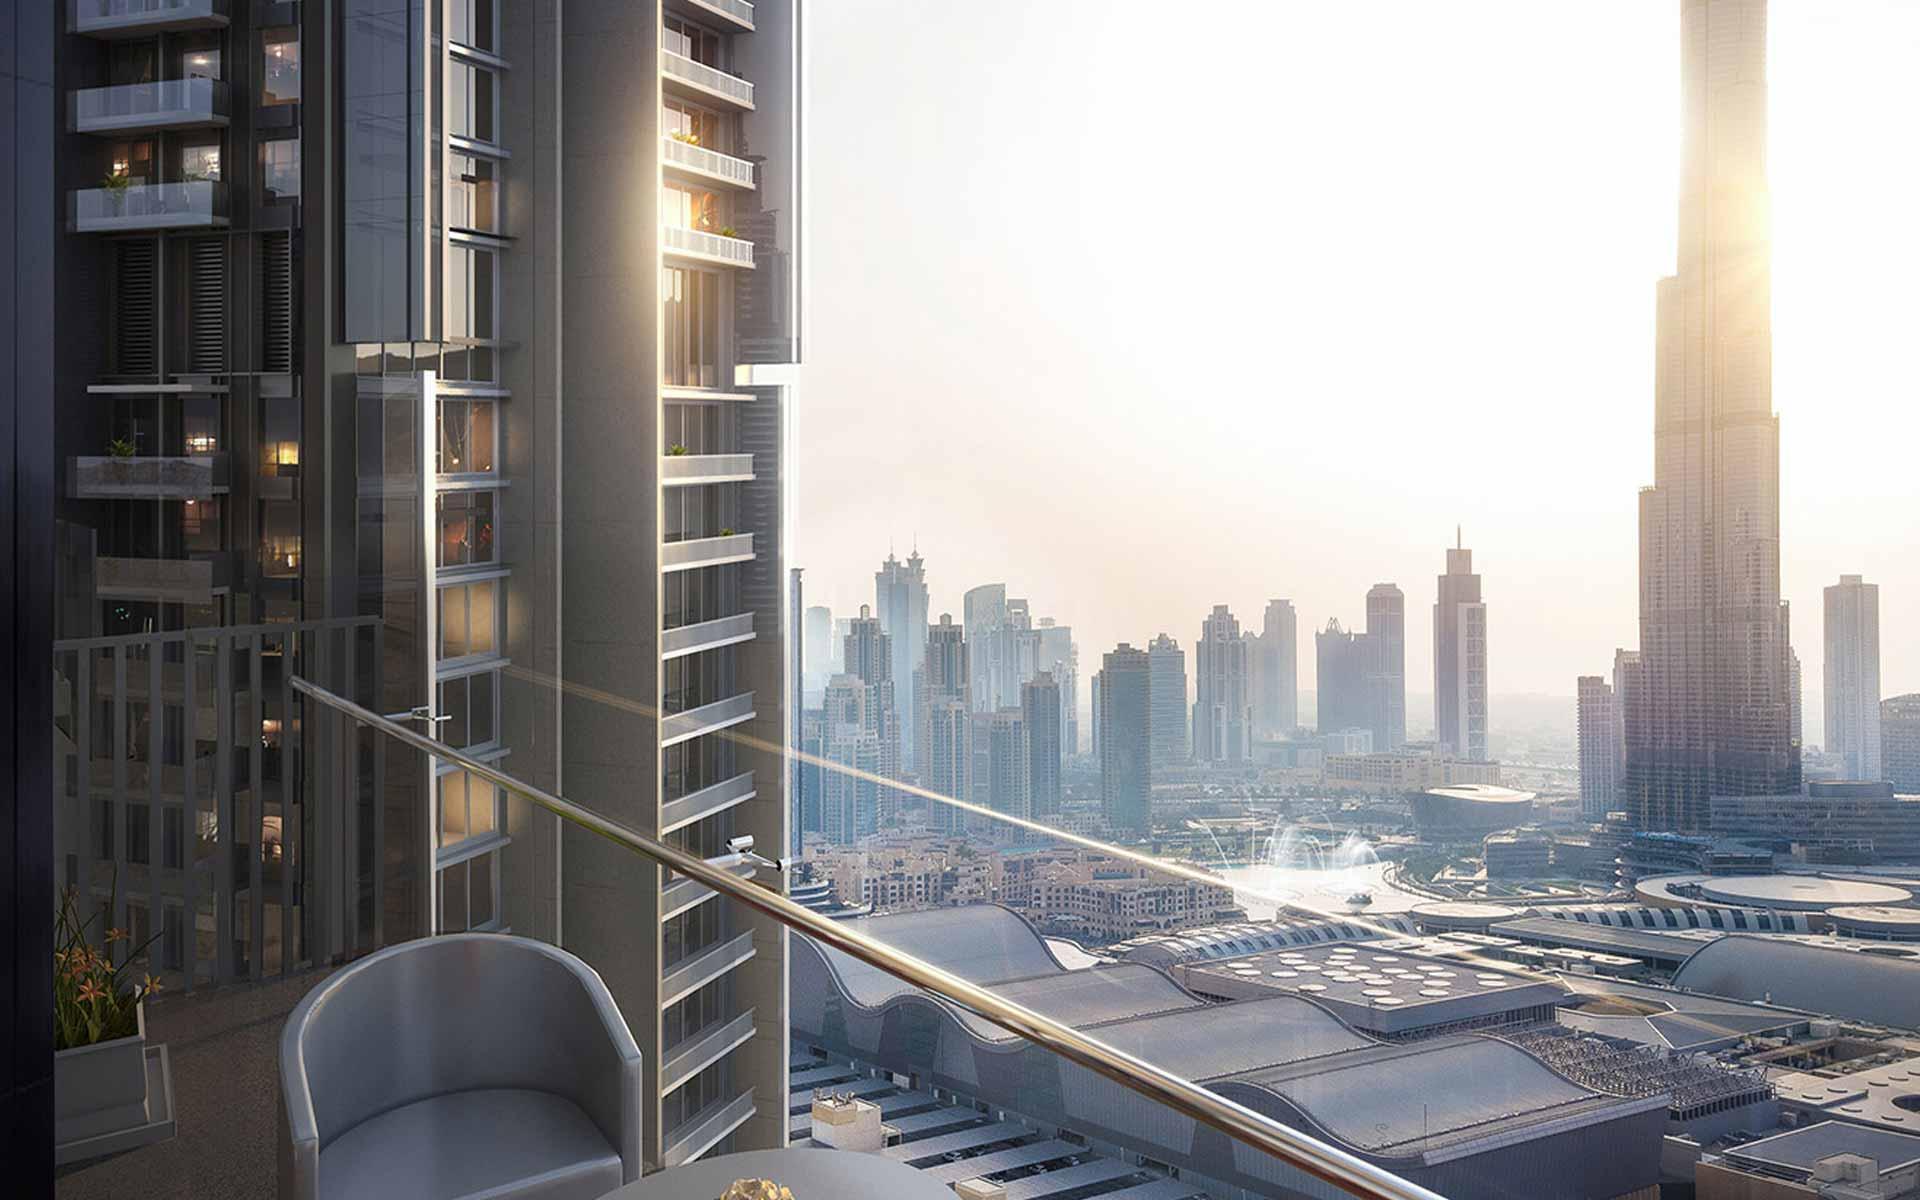 apartment-facing-burj-khalifa-in-vida-dubai-mall